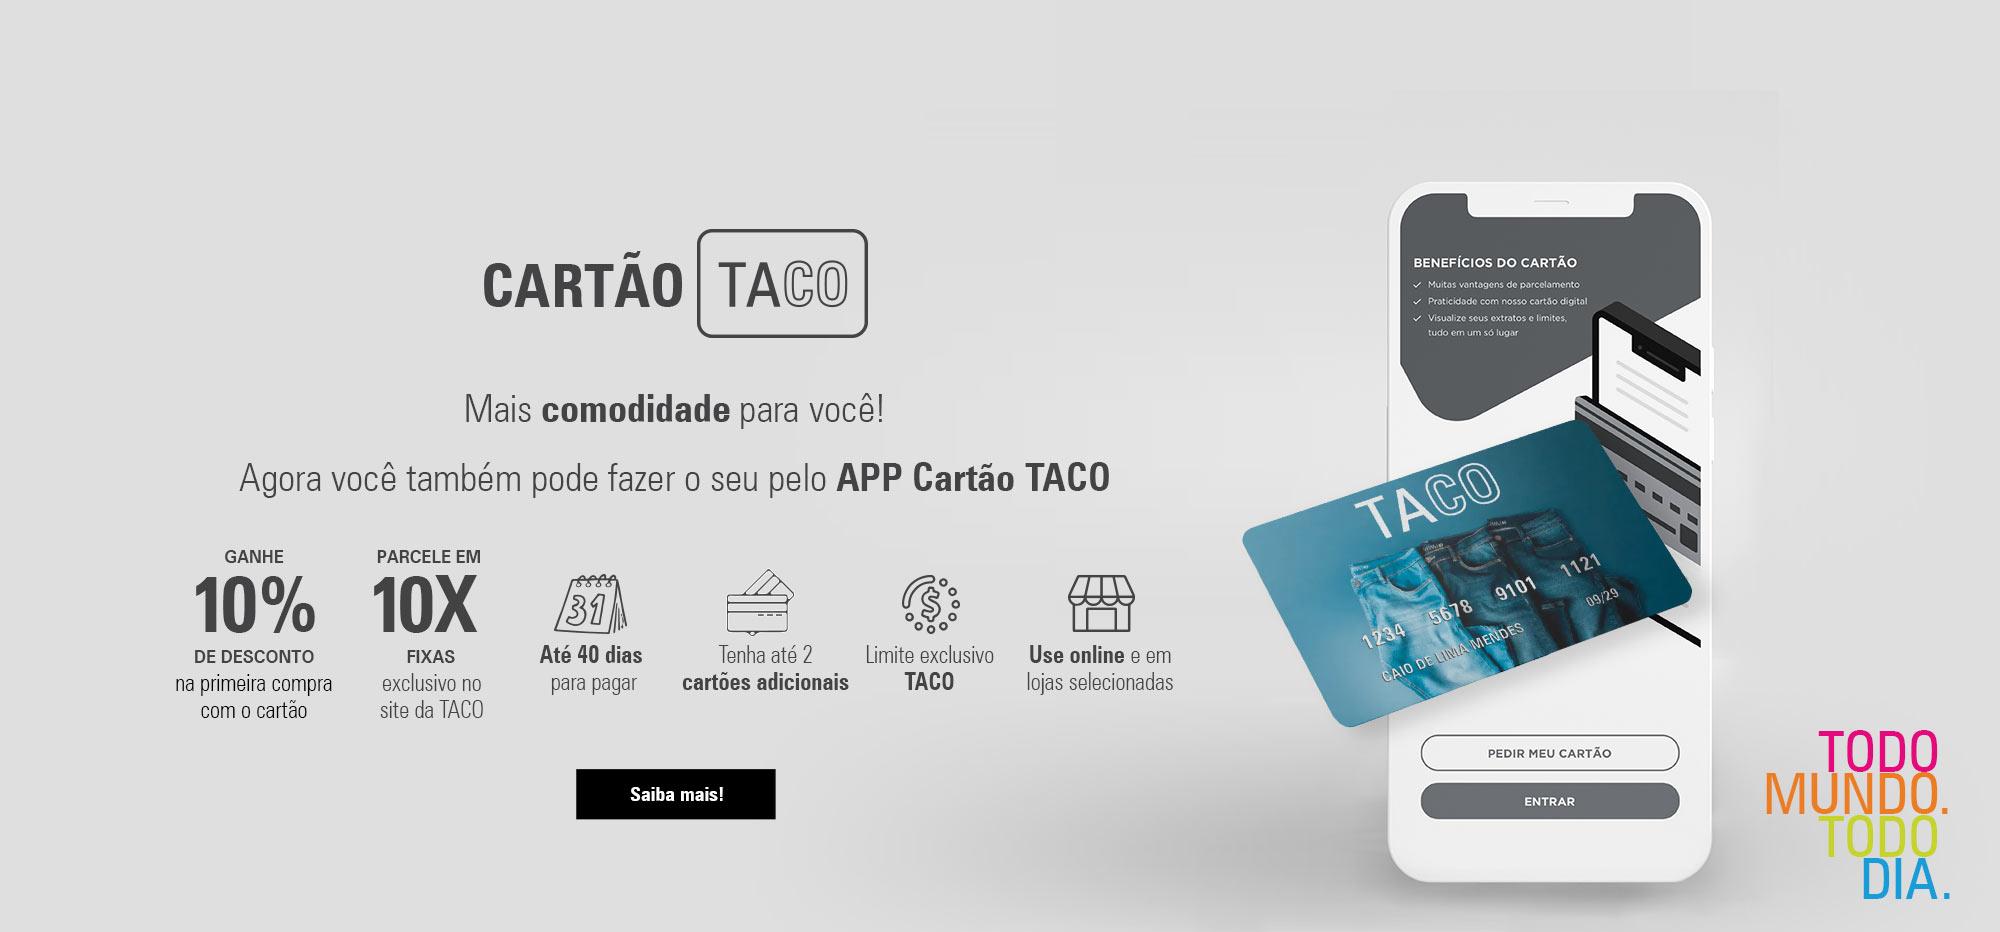 CARTAO TACO - ESCURO